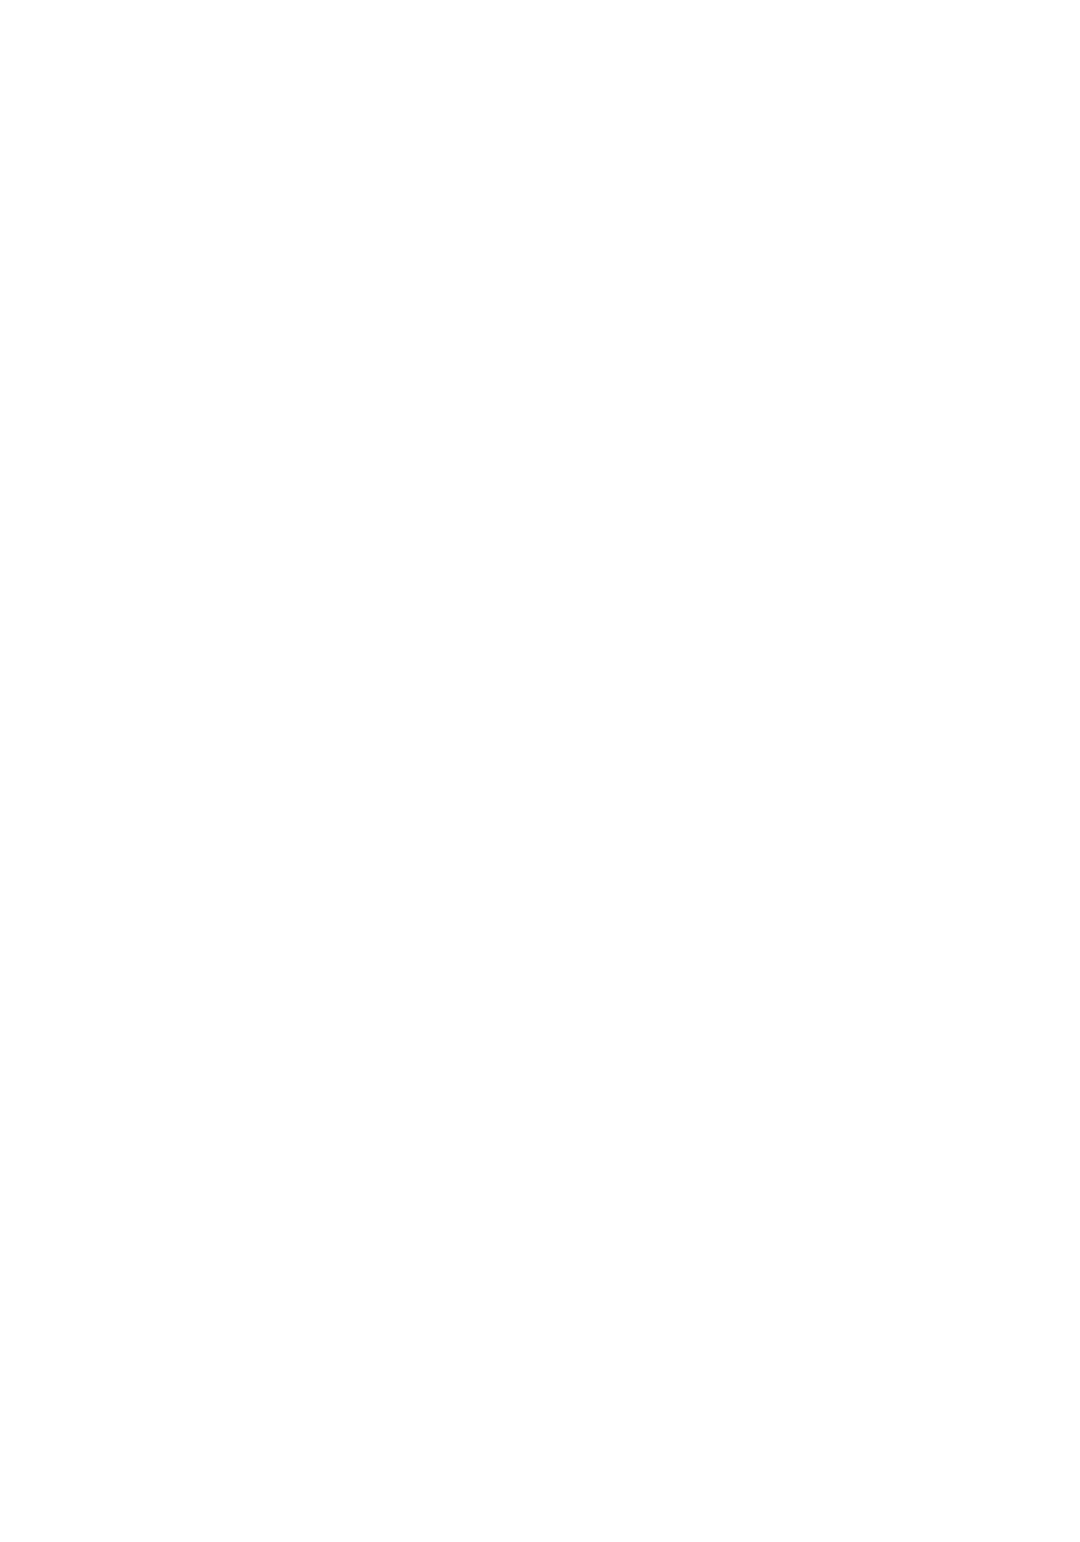 【エロ同人誌】(C82) 目を覚ますと拘束された状態でつるされている早苗…股の間に通された縄の刺激で潮吹き絶頂!容赦なく穴へチンポを挿入されトロ顔で肉便器となる!【三日月音頭 (かっぱ):たとえばこんな早苗さん/東方Project】